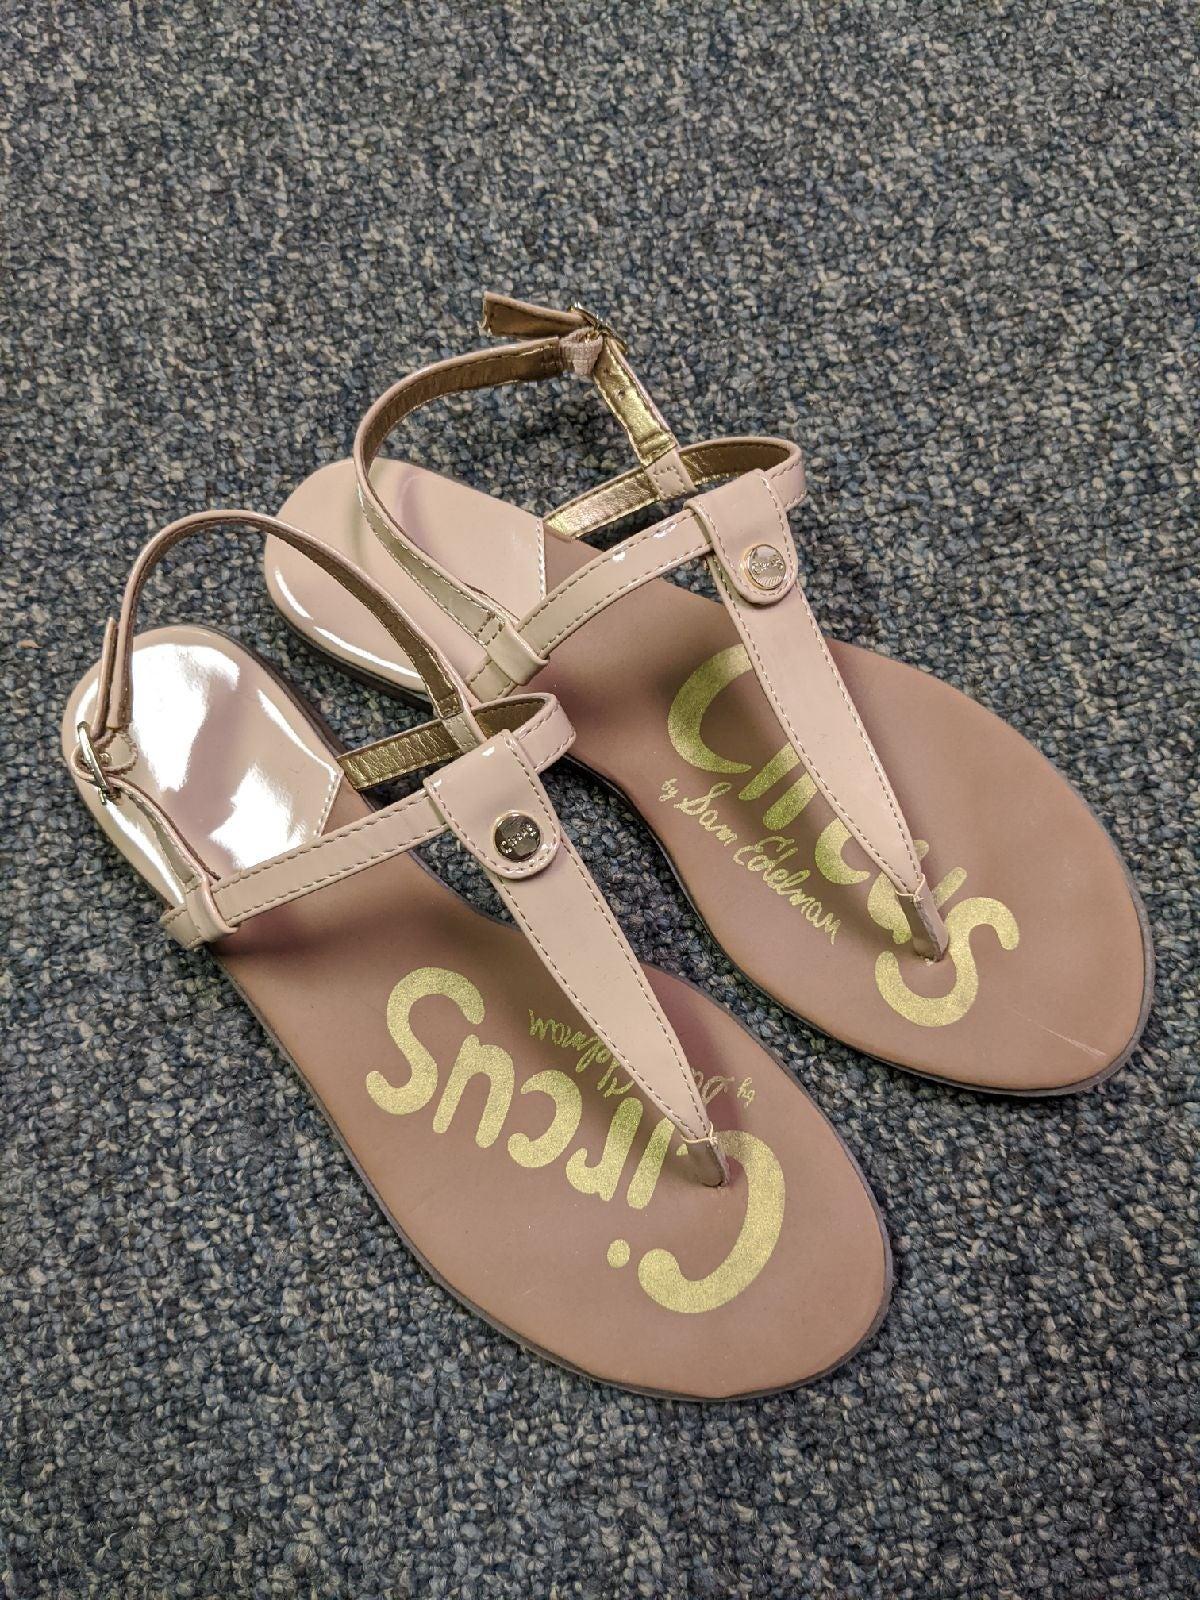 SAM EDELMAN Circus Tan Sandals 7.5